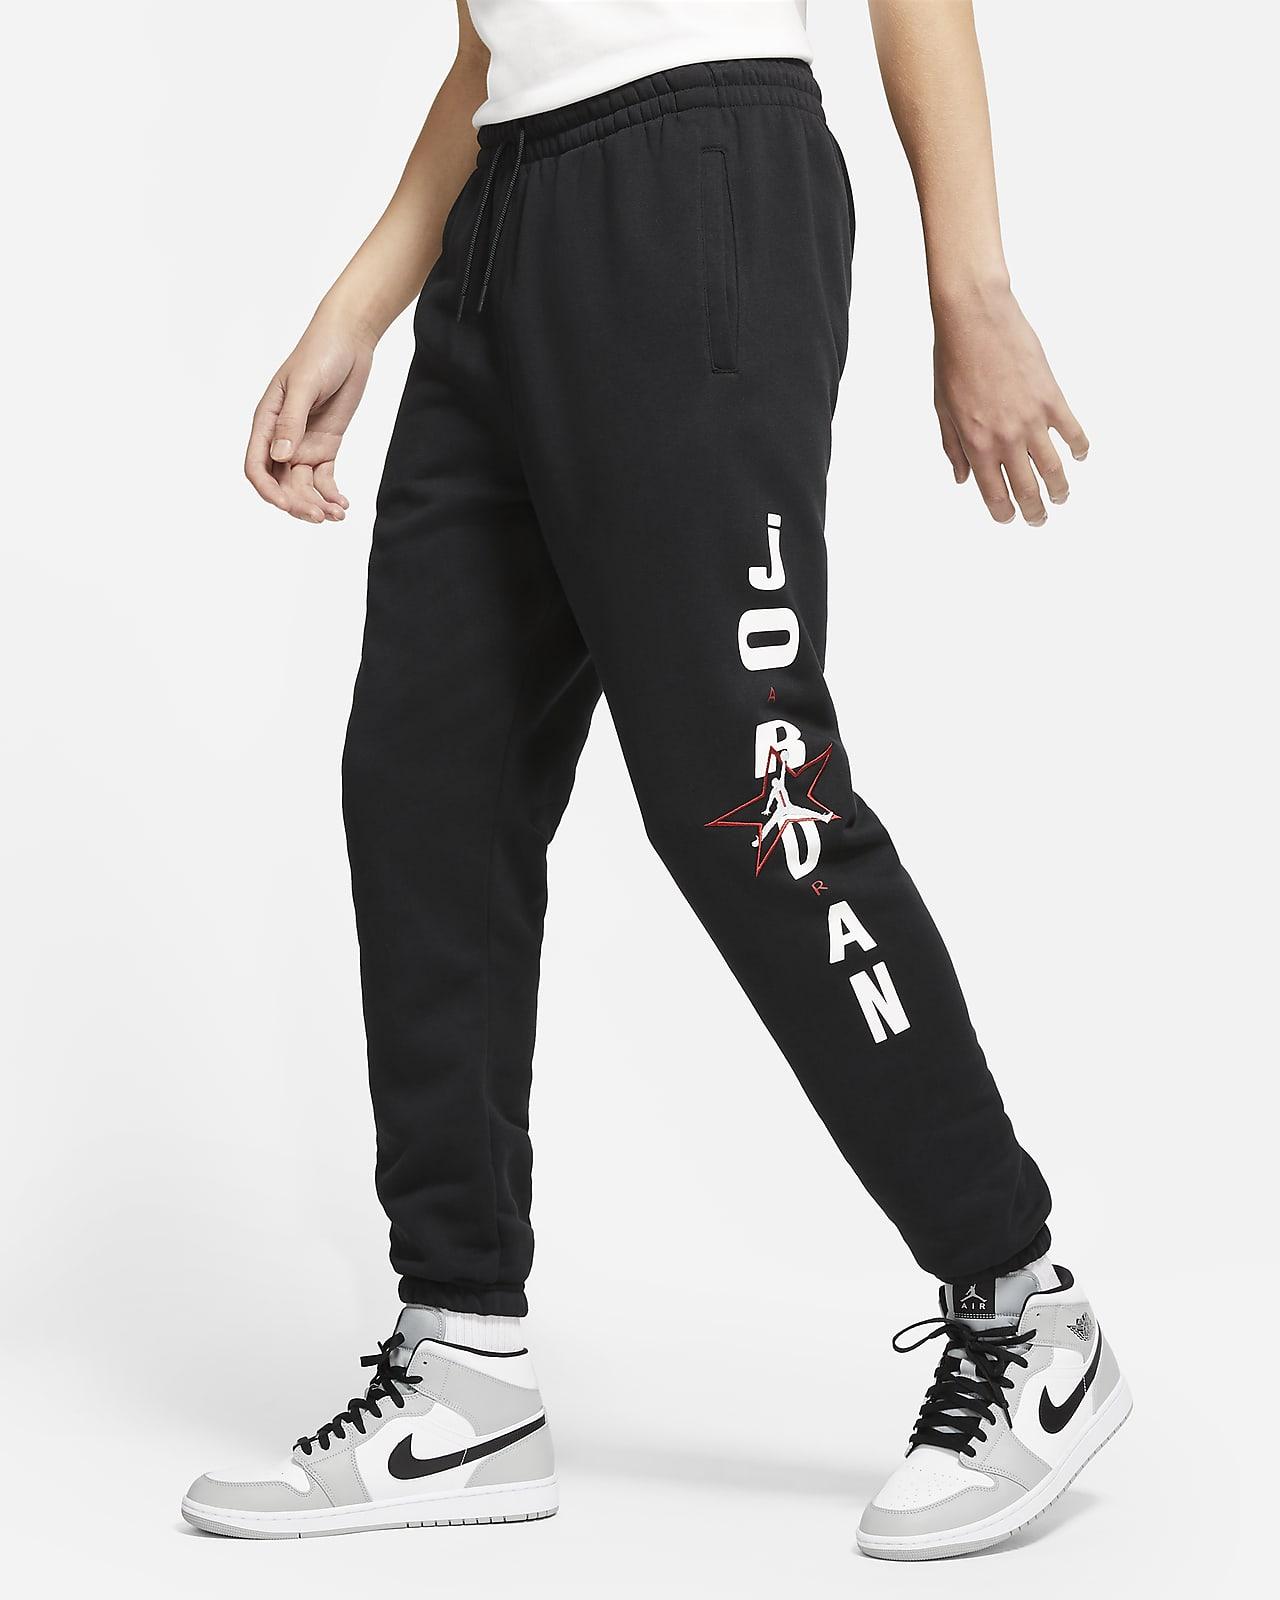 Pantalones de tejido Fleece con gráfico para hombre Jordan Legacy AJ6